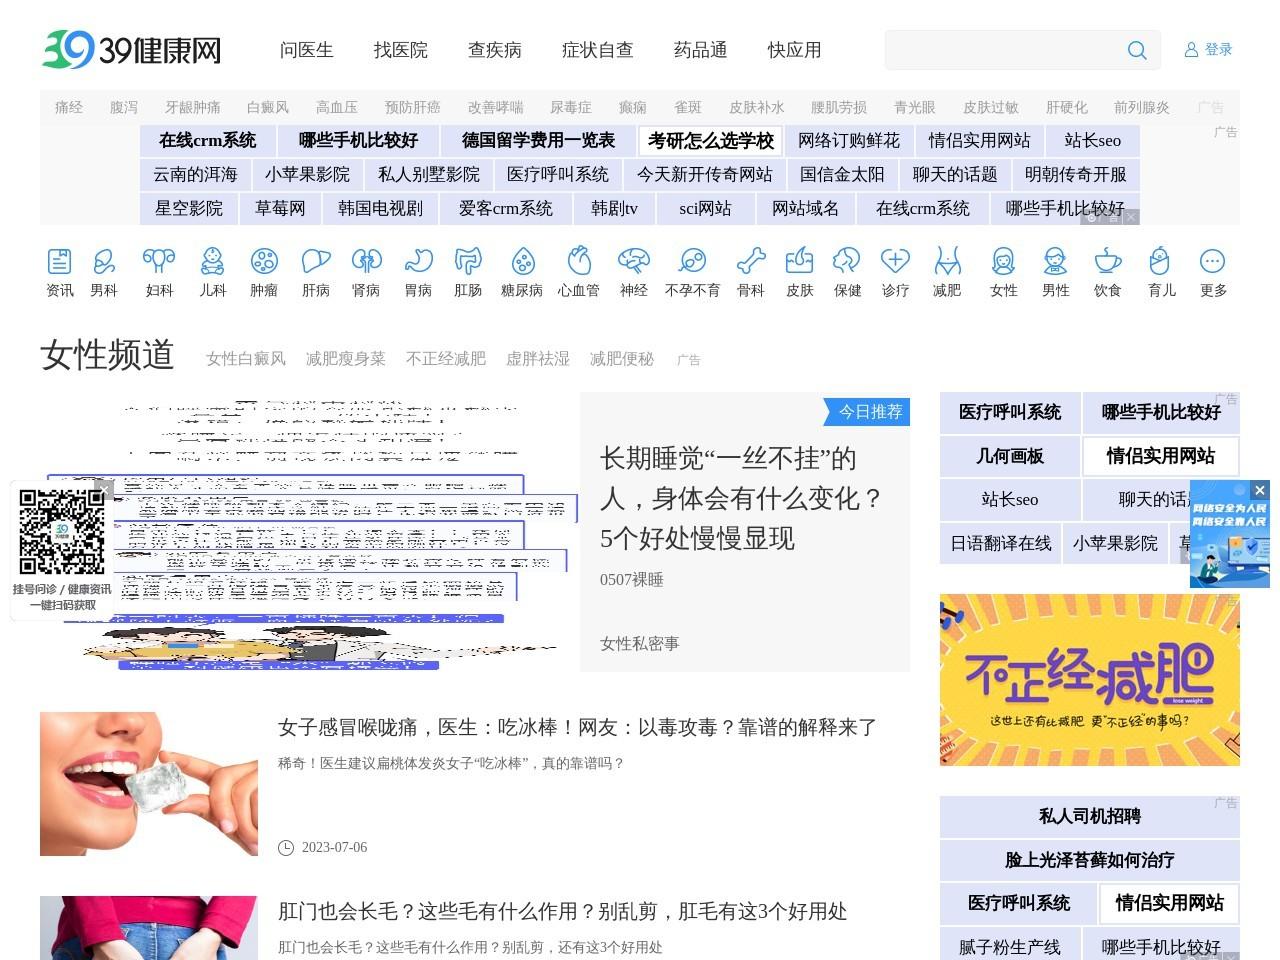 39女性健康_中国专业女人健康网站